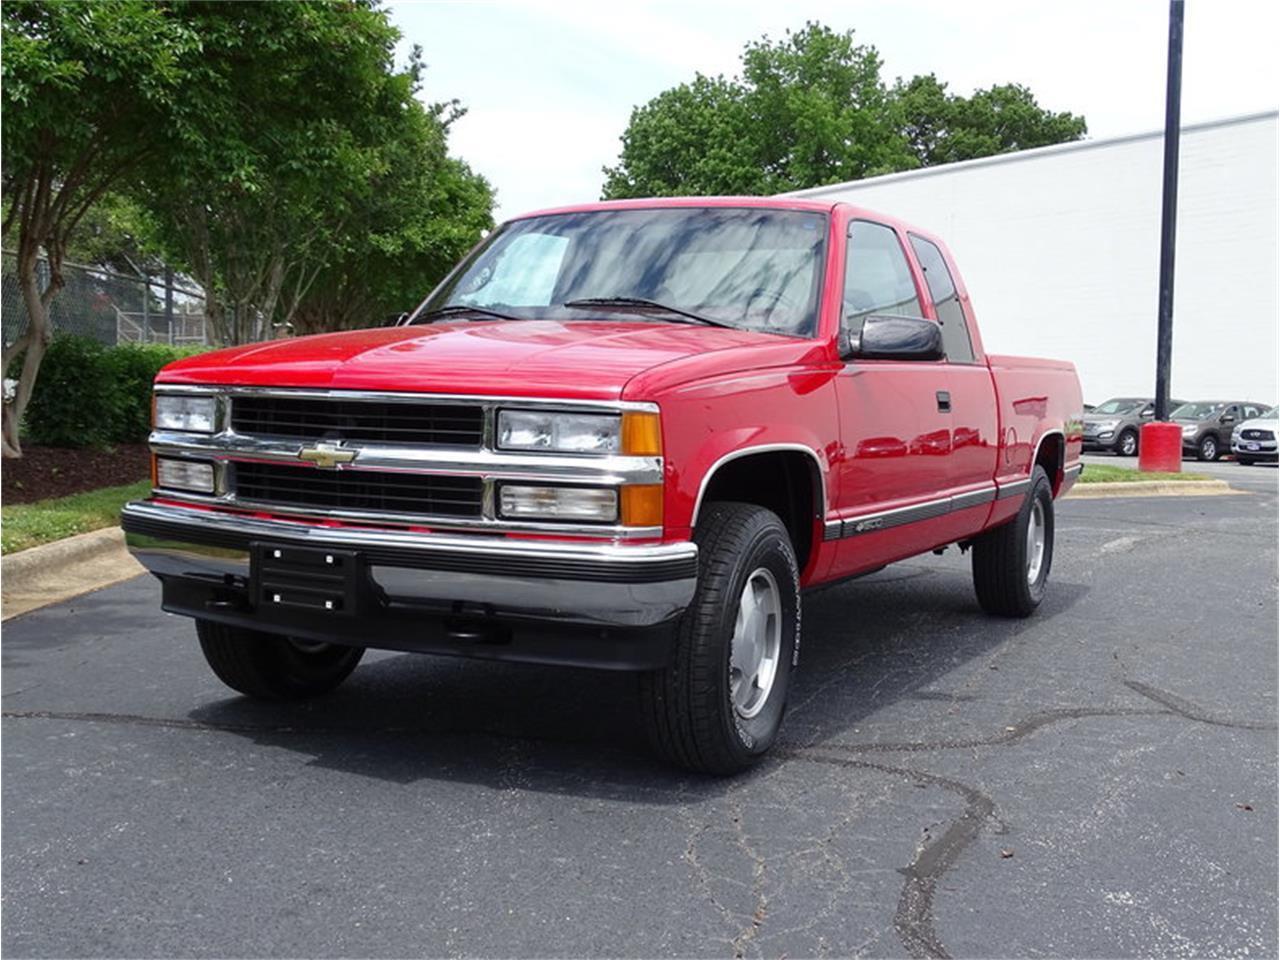 1998 Chevrolet Silverado For Sale Classiccars Com Cc 1102254